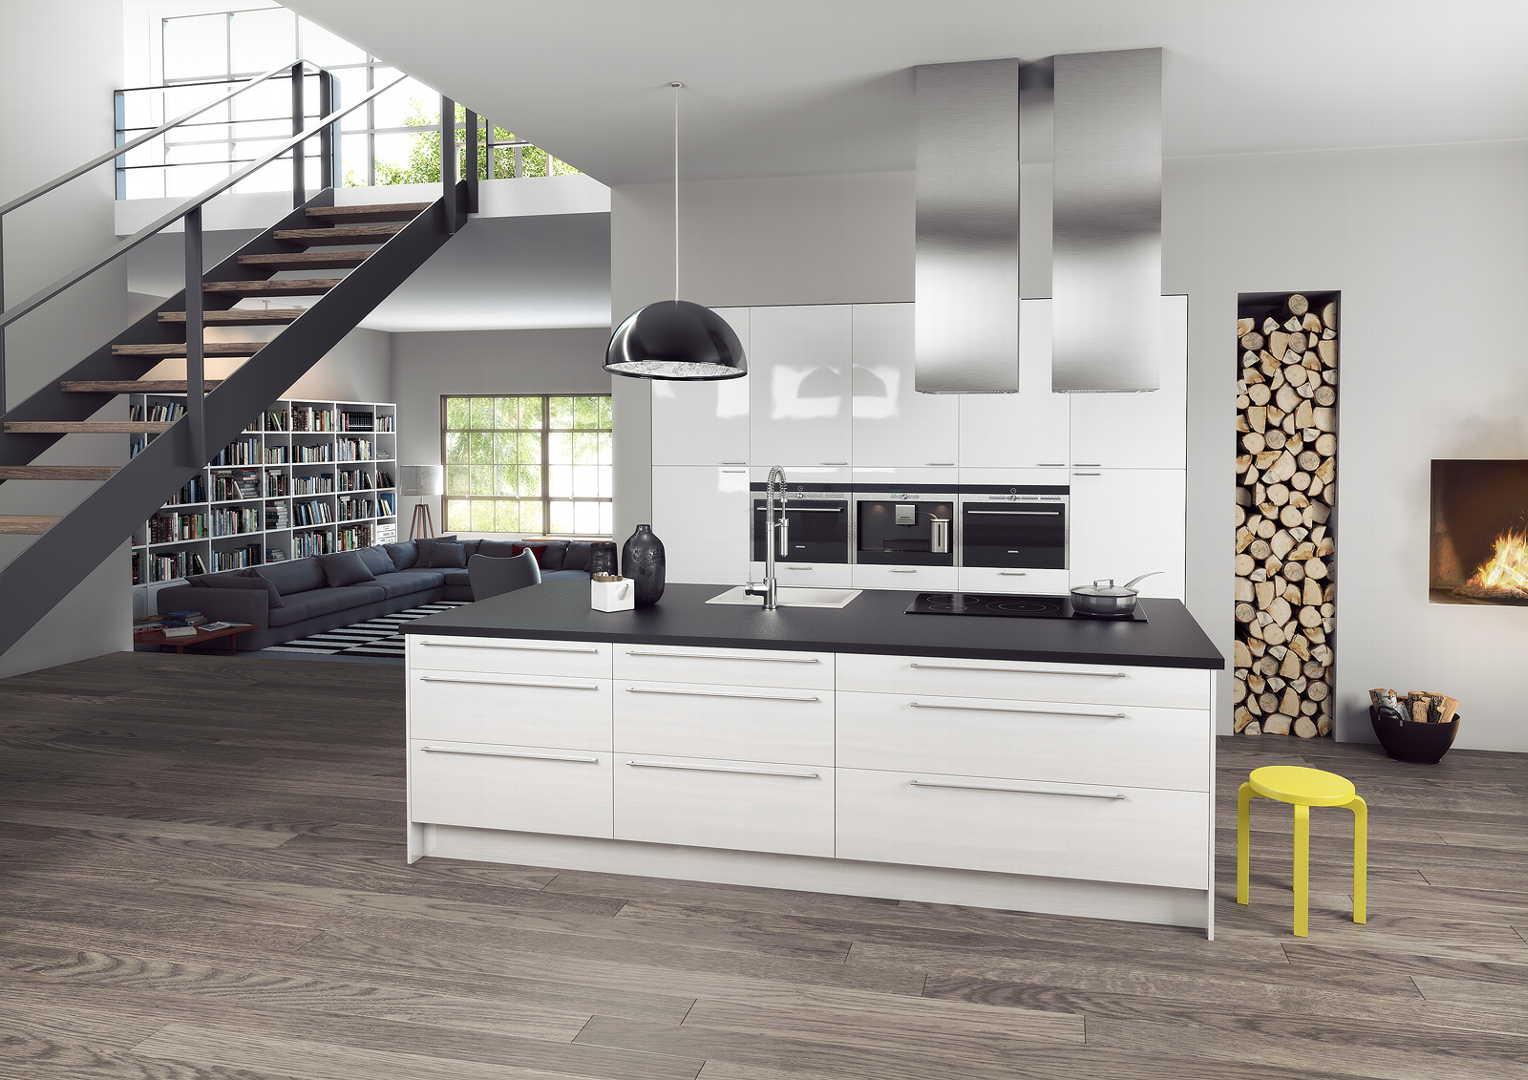 Moderni keittiö, Sisustus  keittiö, Epoq, 5242cebd498e62e699879818  Etuovi